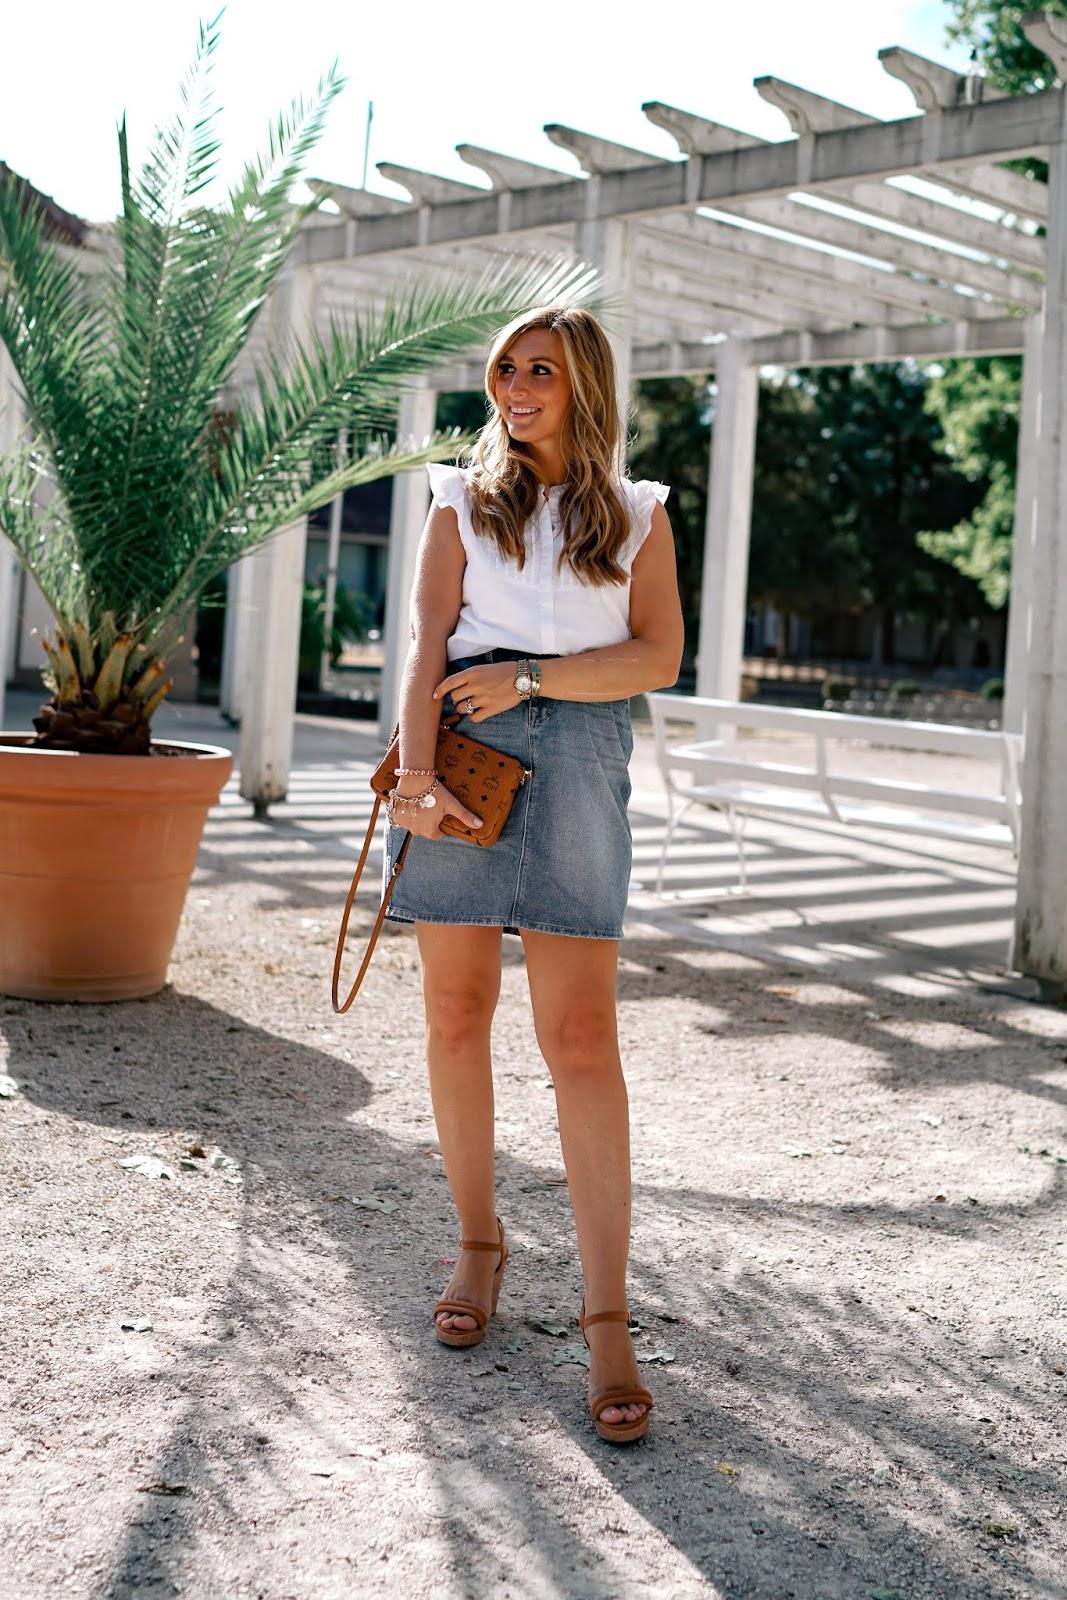 Jeansrock-kombinieren-must-have-im-sommer-ist-ein-jeansrock-und-wedges-braune-tasche-mcm-tasche